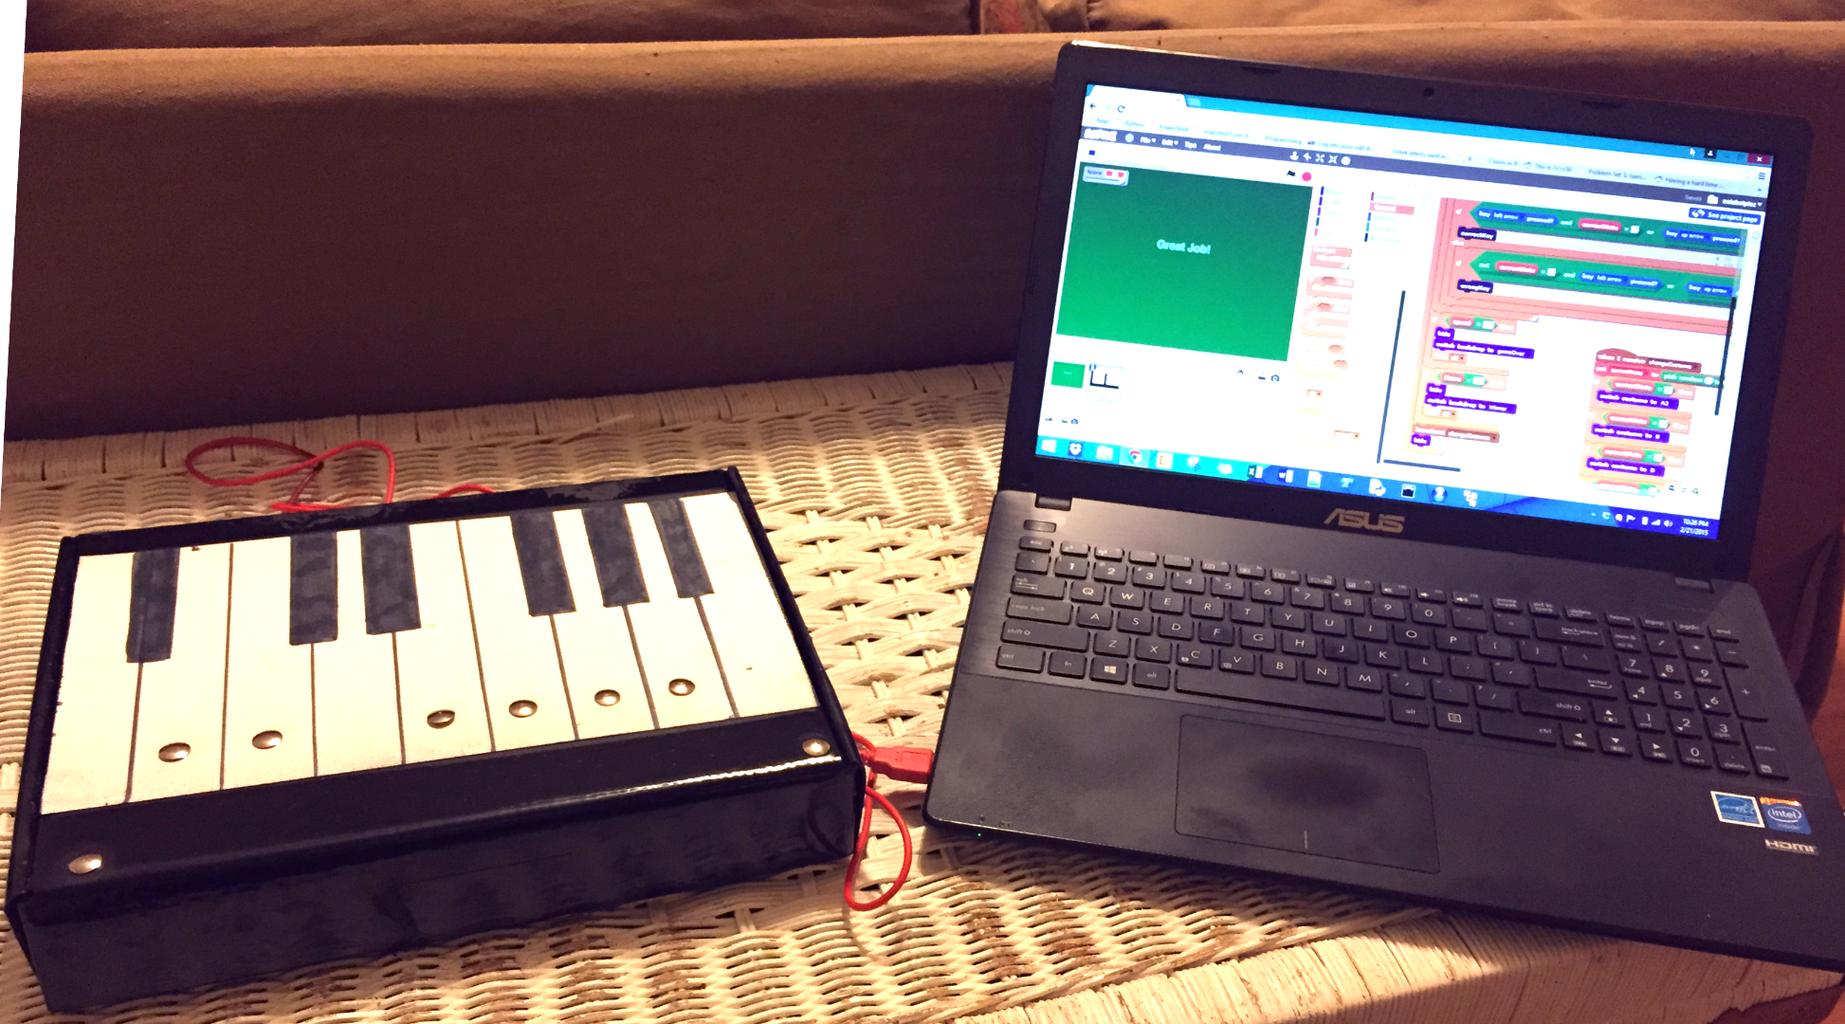 Learn Piano Keys With Makey Makey